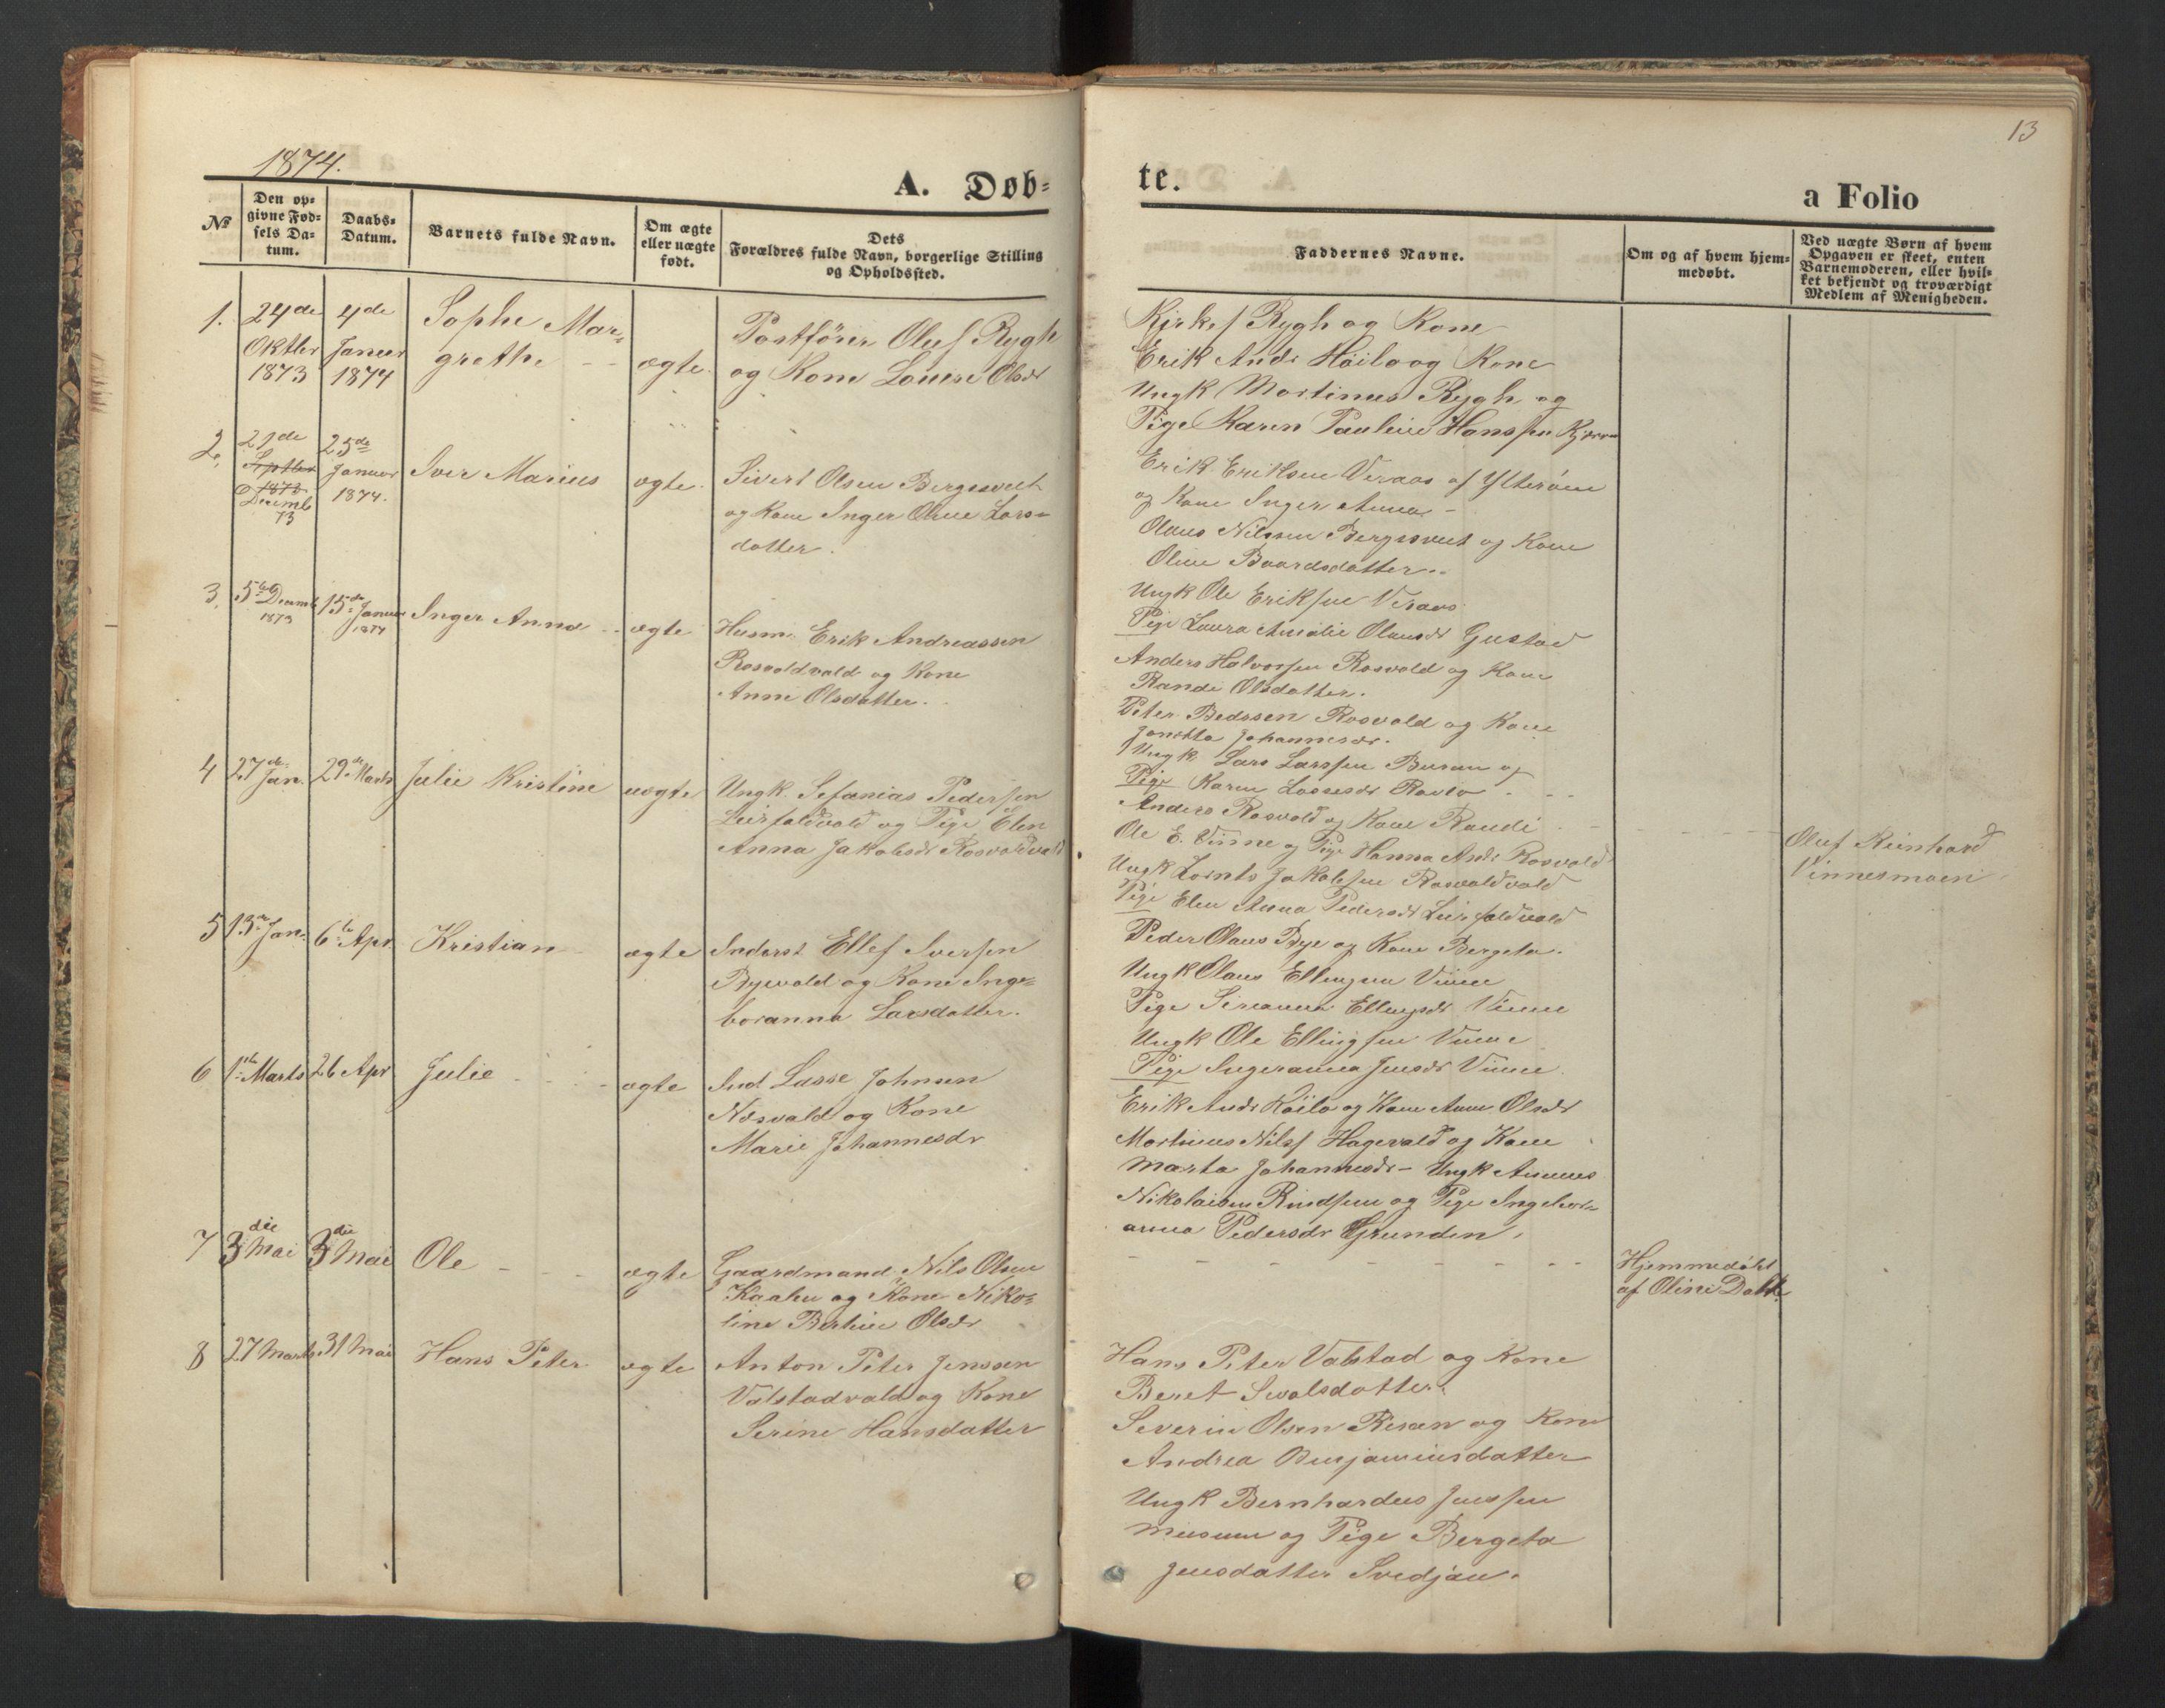 SAT, Ministerialprotokoller, klokkerbøker og fødselsregistre - Nord-Trøndelag, 726/L0271: Klokkerbok nr. 726C02, 1869-1897, s. 13